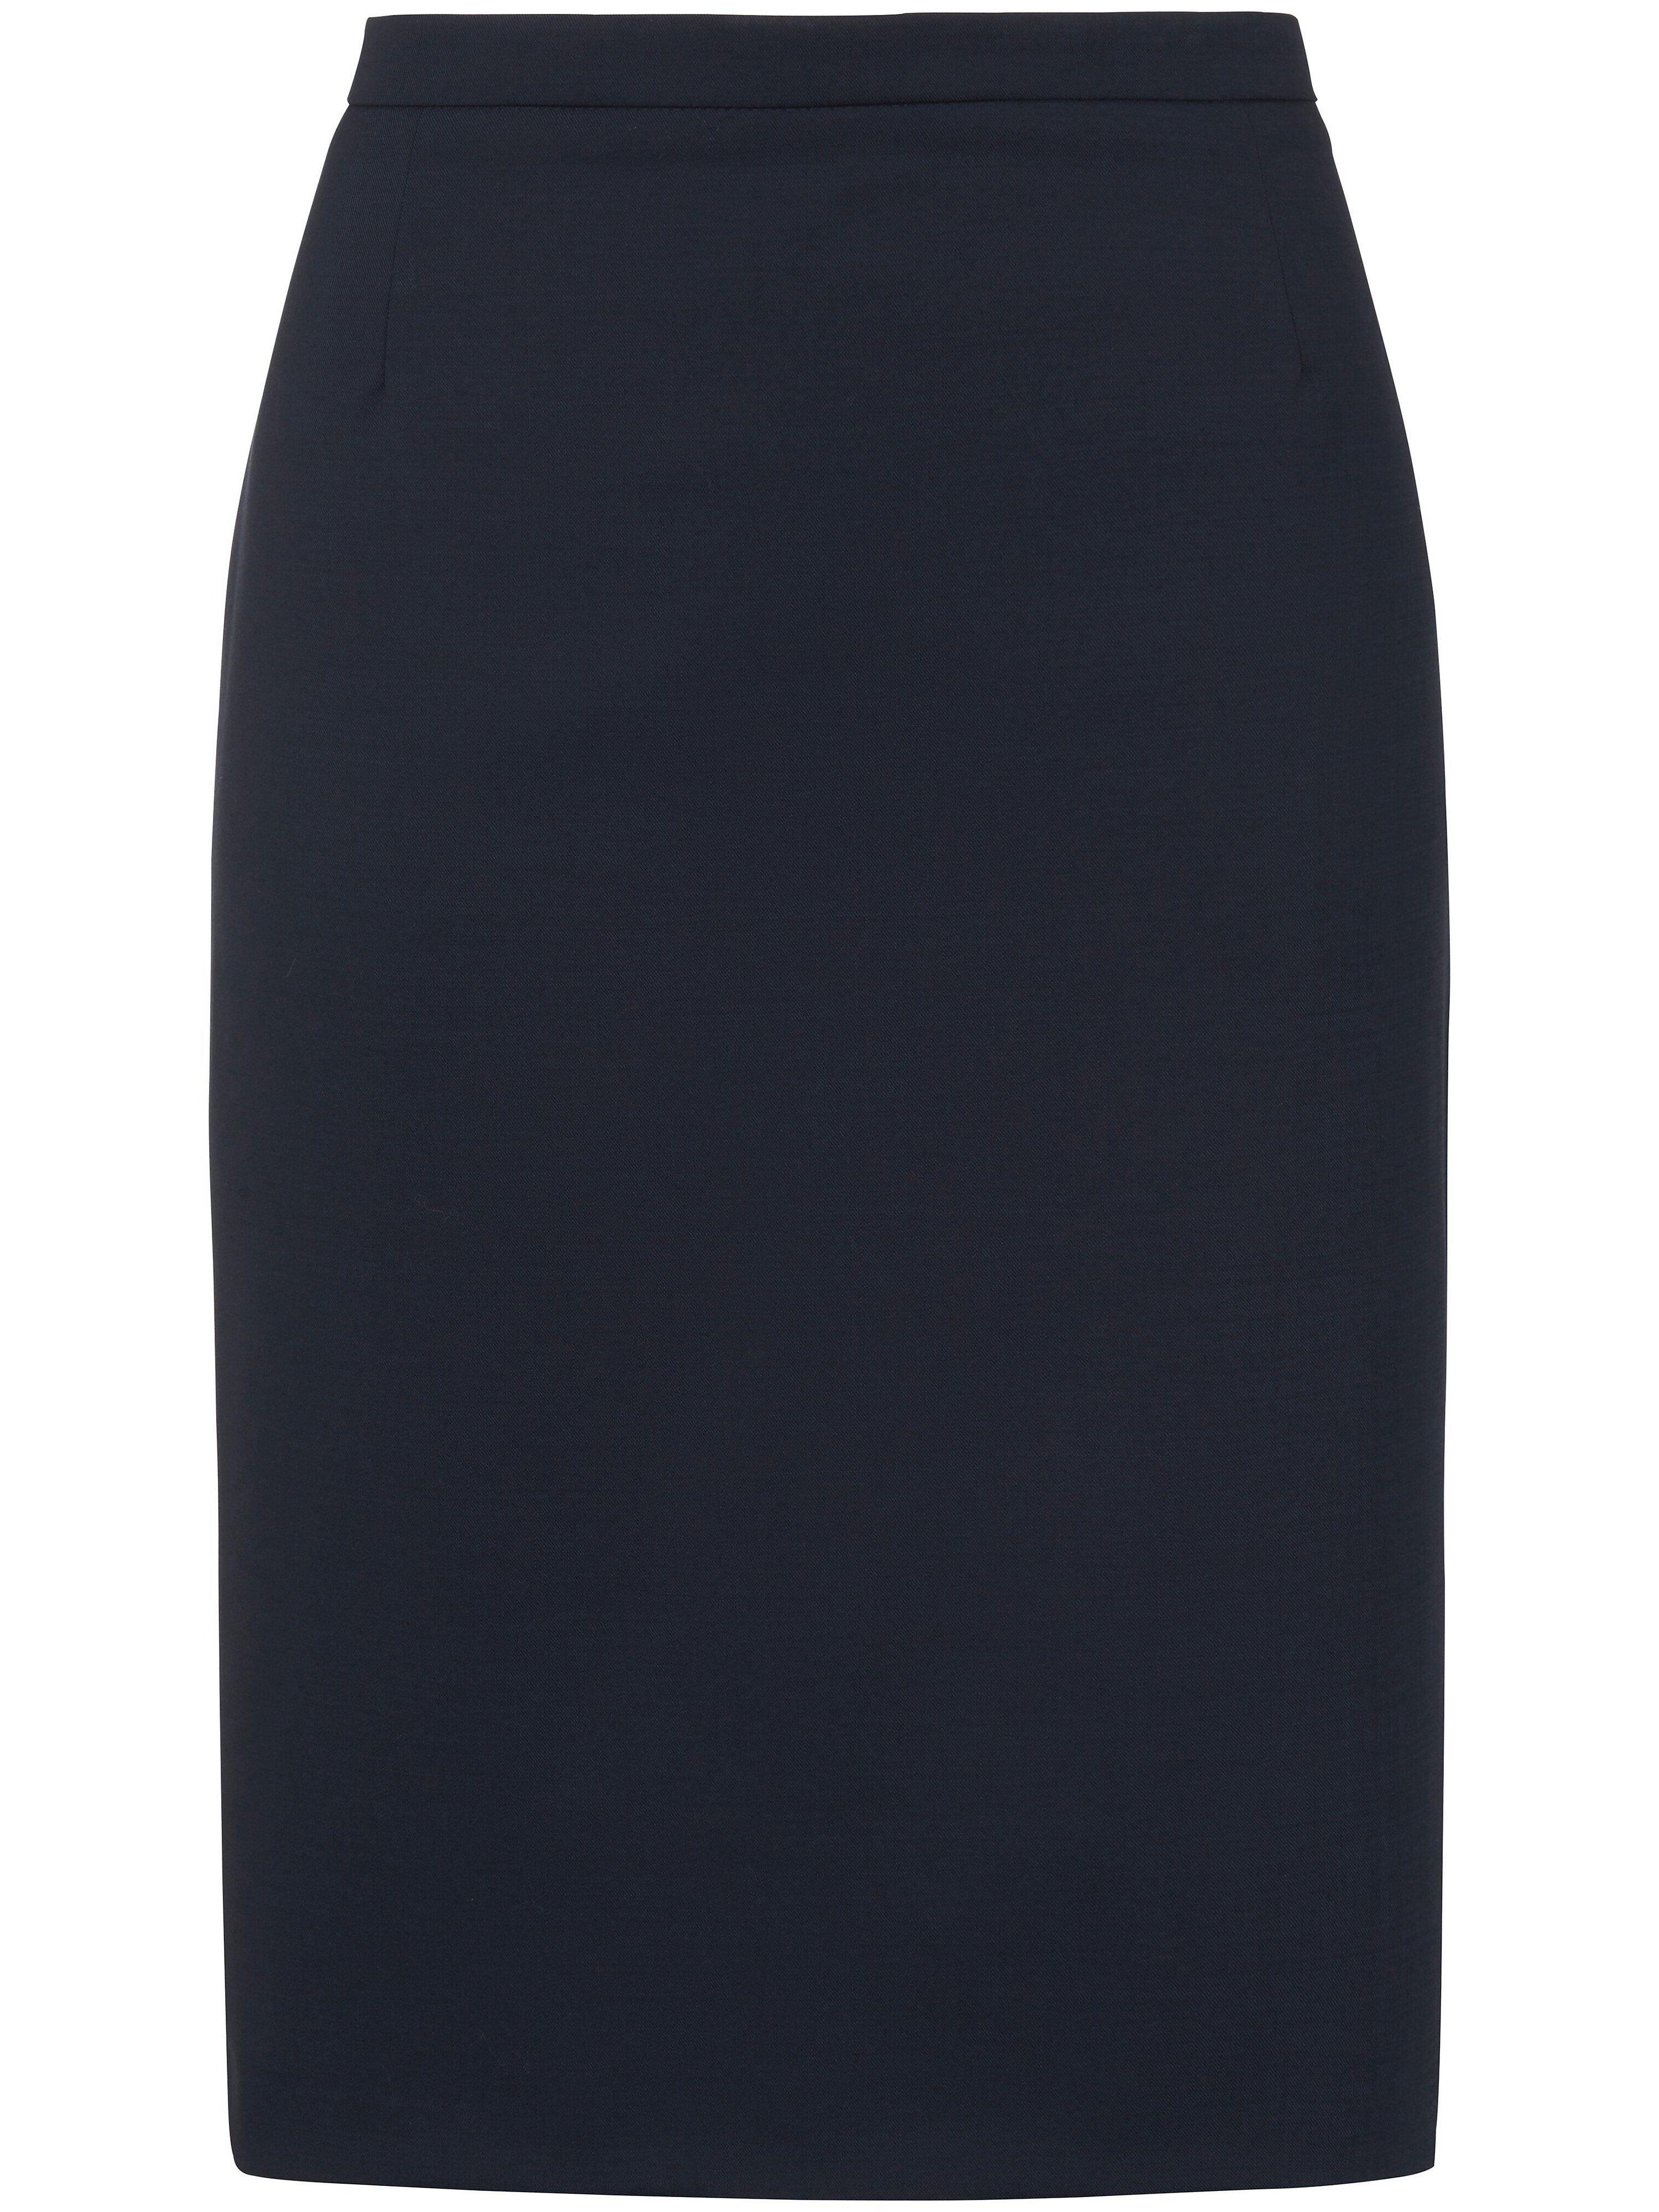 Windsor La jupe ligne crayon  Windsor bleu  - Femme - 36